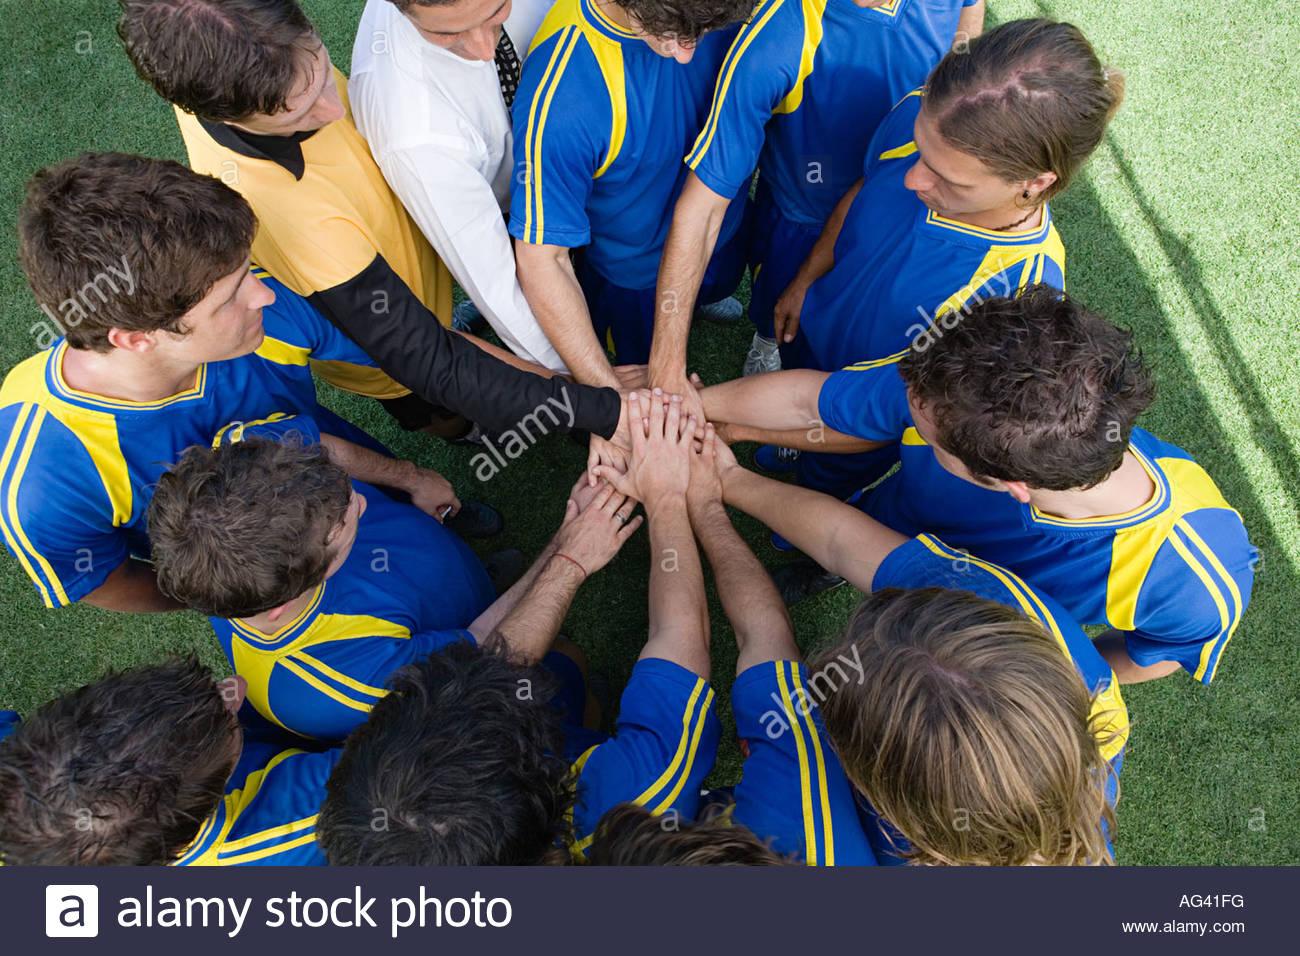 Los futbolistas pegado Imagen De Stock